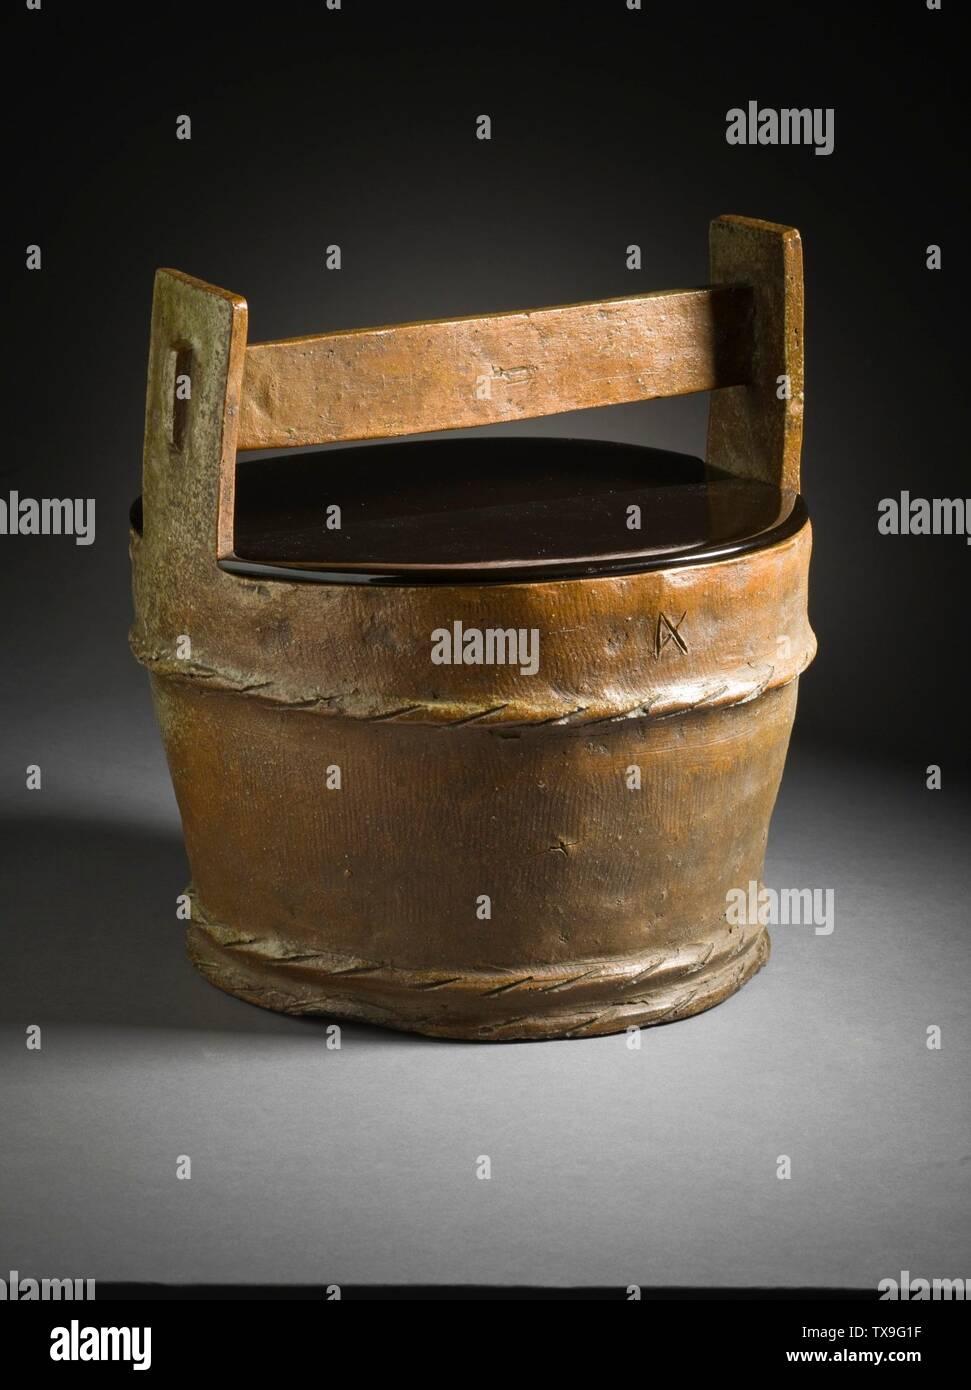 """'Mizusashi (recipiente de agua para la ceremonia del té) en forma de un cubo de madera (Imagen 6 de 7); en inglés: Japón, el período Momoyama, mobiliario 1573-1615; Serviceware Tamba ware; gres con barniz de ceniza natural a-b) de la tapa de dos piezas: 9 1/2 x 4 1/2 x 3/8 in. (24,13 x 11,43 x 0,95 cm) cada uno; c) contenedor: 10 3/4 x 10 1/4"""" x 9 1/4"""". (32,95 x 26.04 x 24.45 cm) de Regalo de David y Margaret Barry M.2009.16(a-c) arte japonés actualmente en vista pública: Pabellón de arte Japonés, piso 3; entre 1573 y 1615 fecha QS:P571,+1500-00-00T00:00:00Z/6,P1319,+1573-00-00T00:00:00Z/9,P1326,+1615-00-00T00:00:00Z/9; ' Imagen De Stock"""